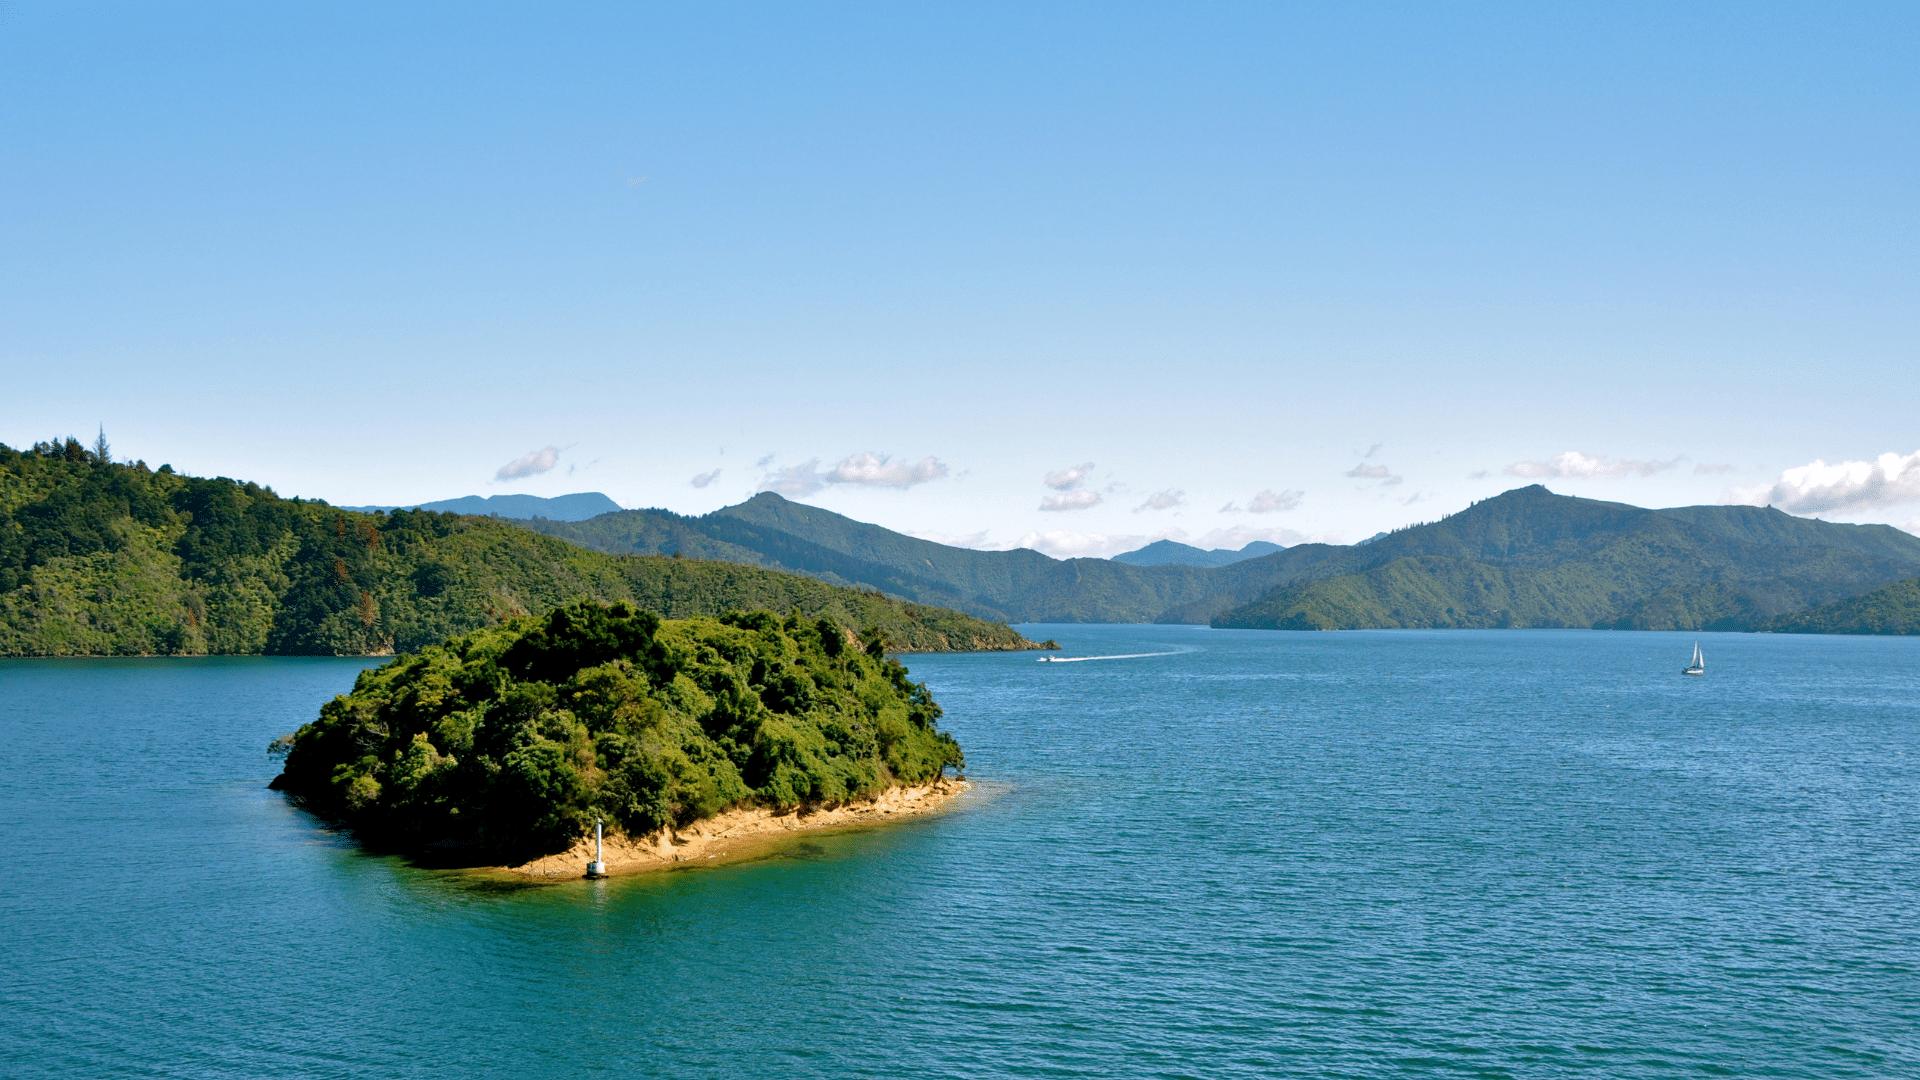 New Zealand cruise ports